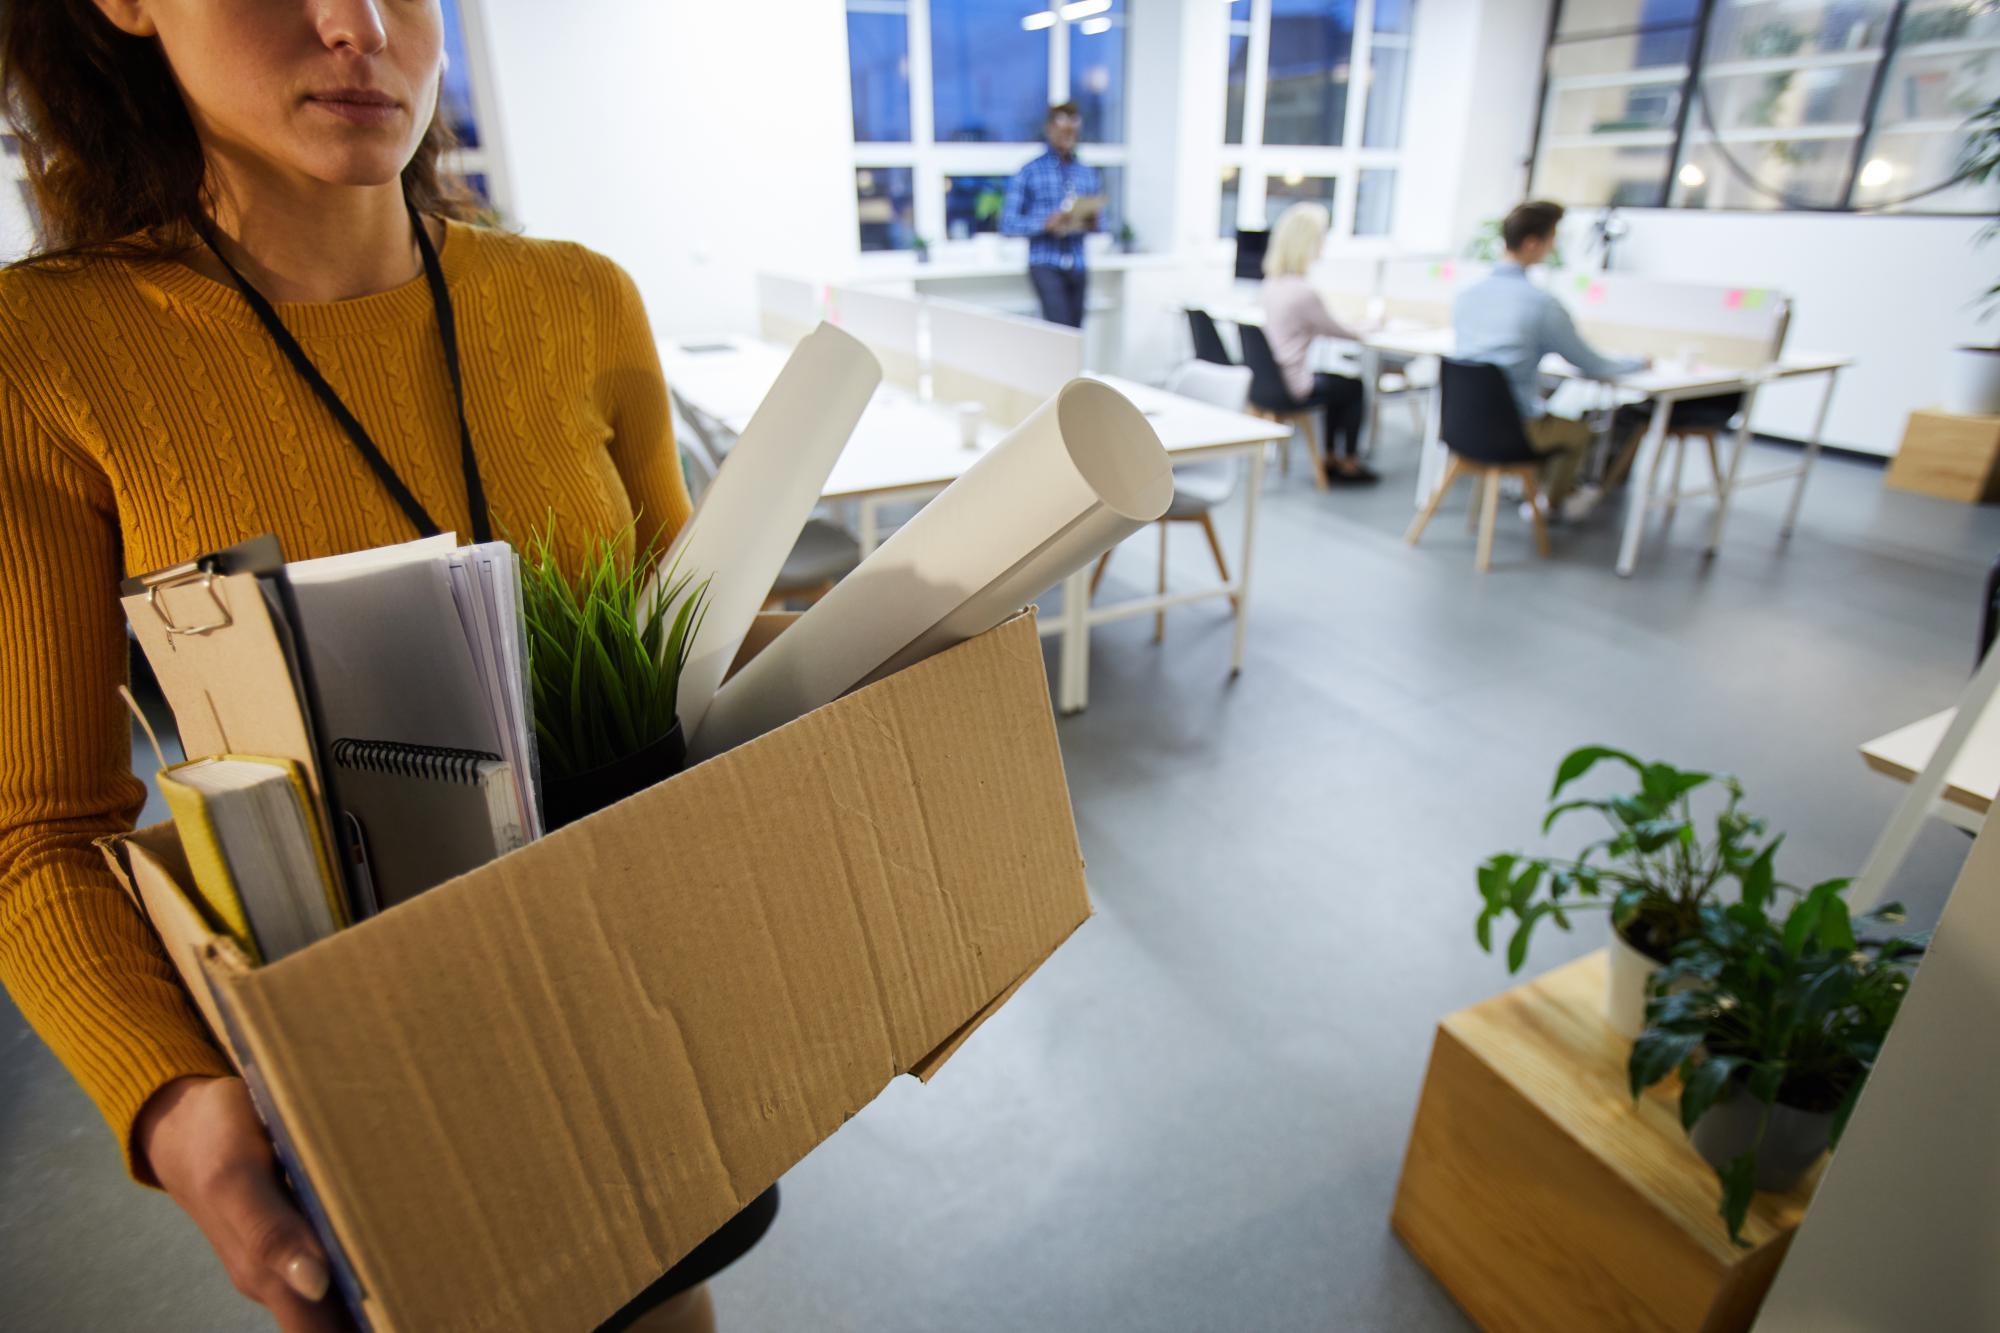 Как оформить бумаги и рассчитать сотрудника, который увольняется сразу после отпуска